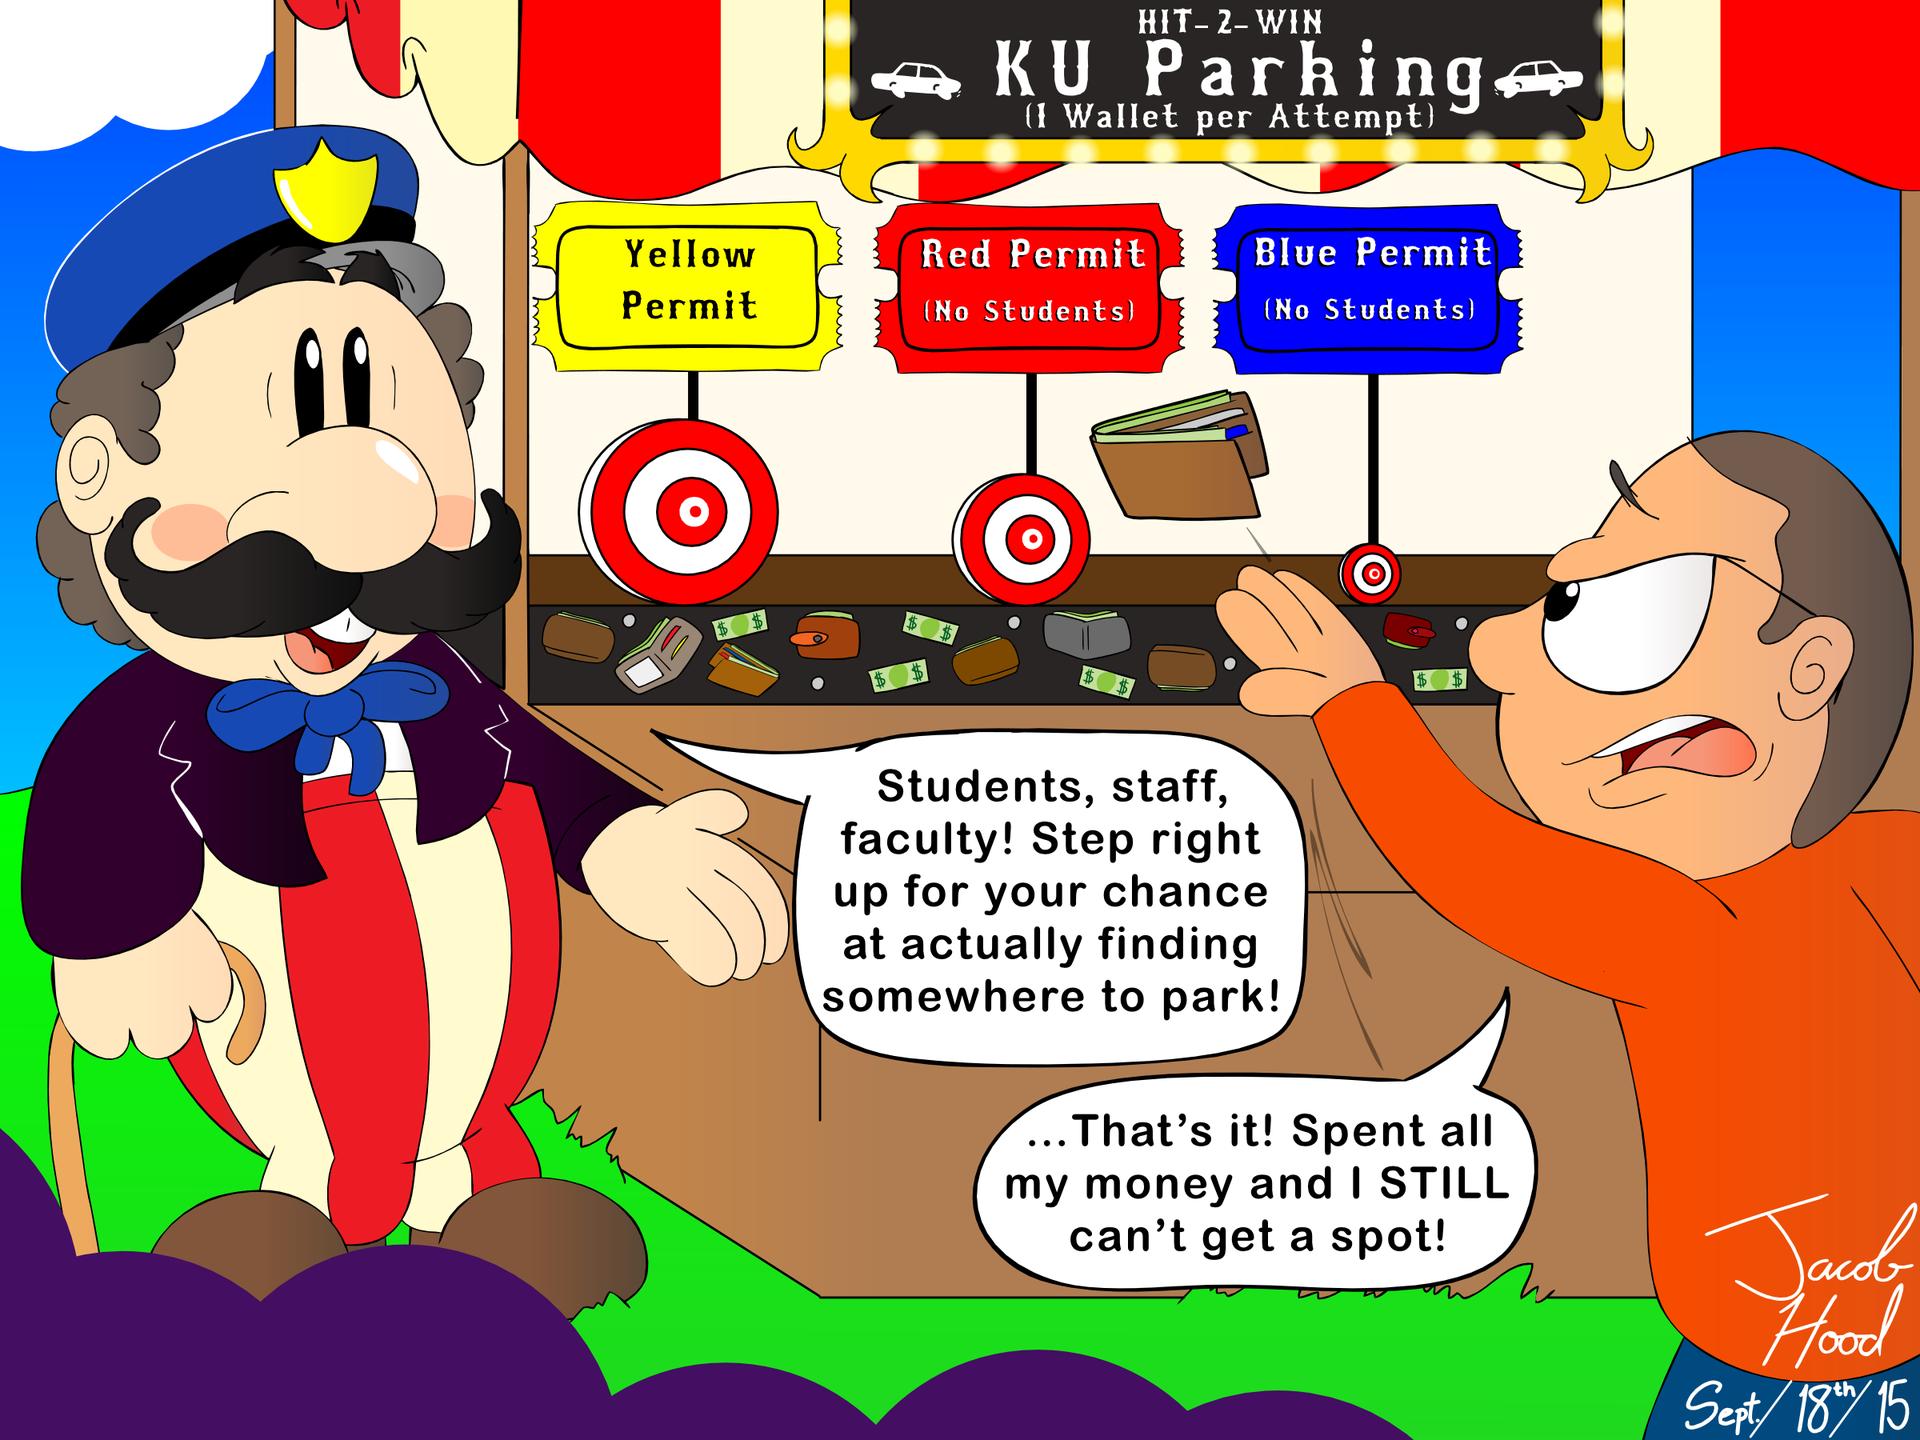 KU Parking